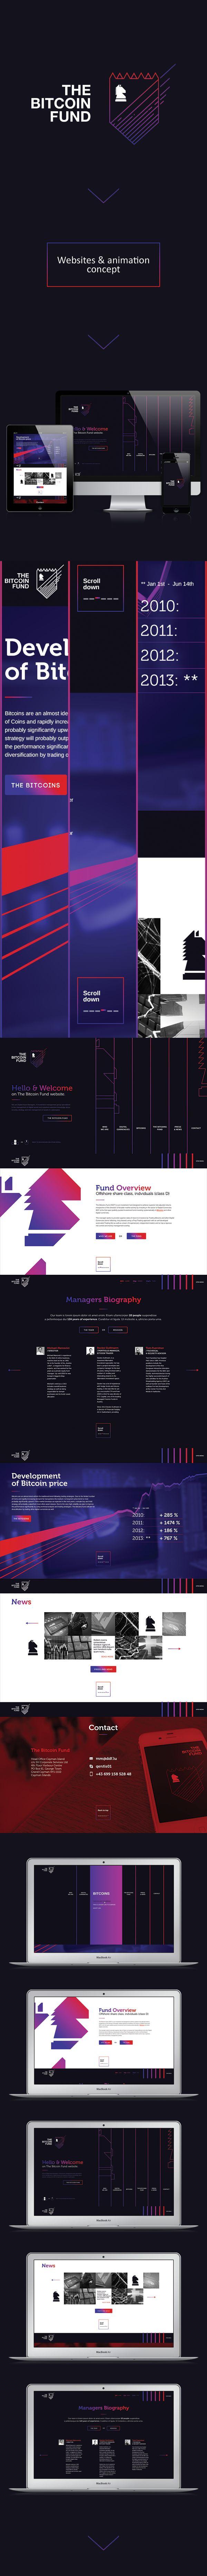 The Bitcoin Fund by Elastika